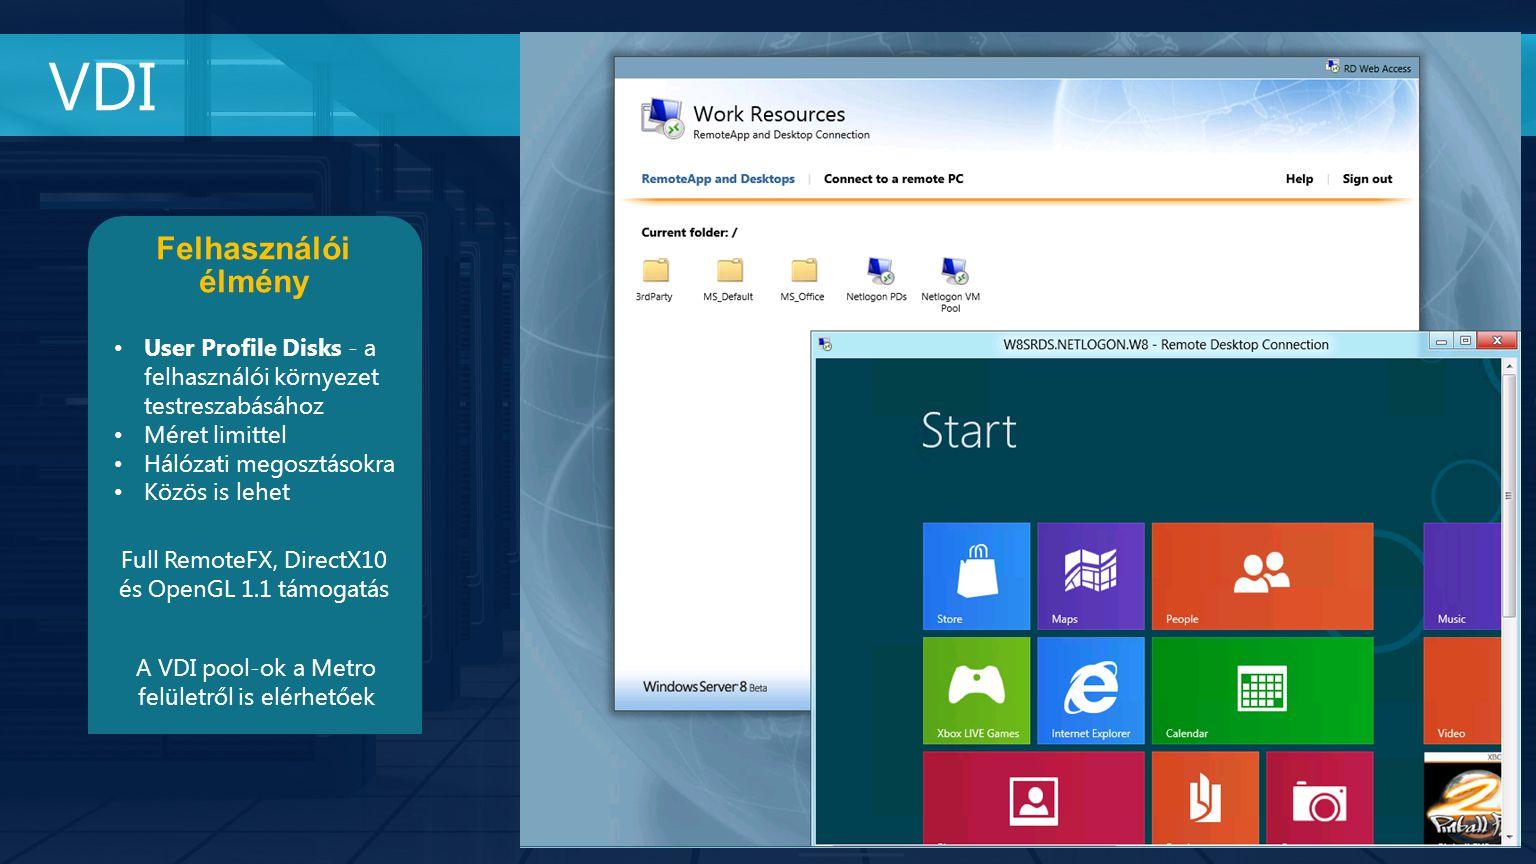 VDI Felhasználói élmény User Profile Disks - a felhasználói környezet testreszabásához Méret limittel Hálózati megosztásokra Közös is lehet Full Remot